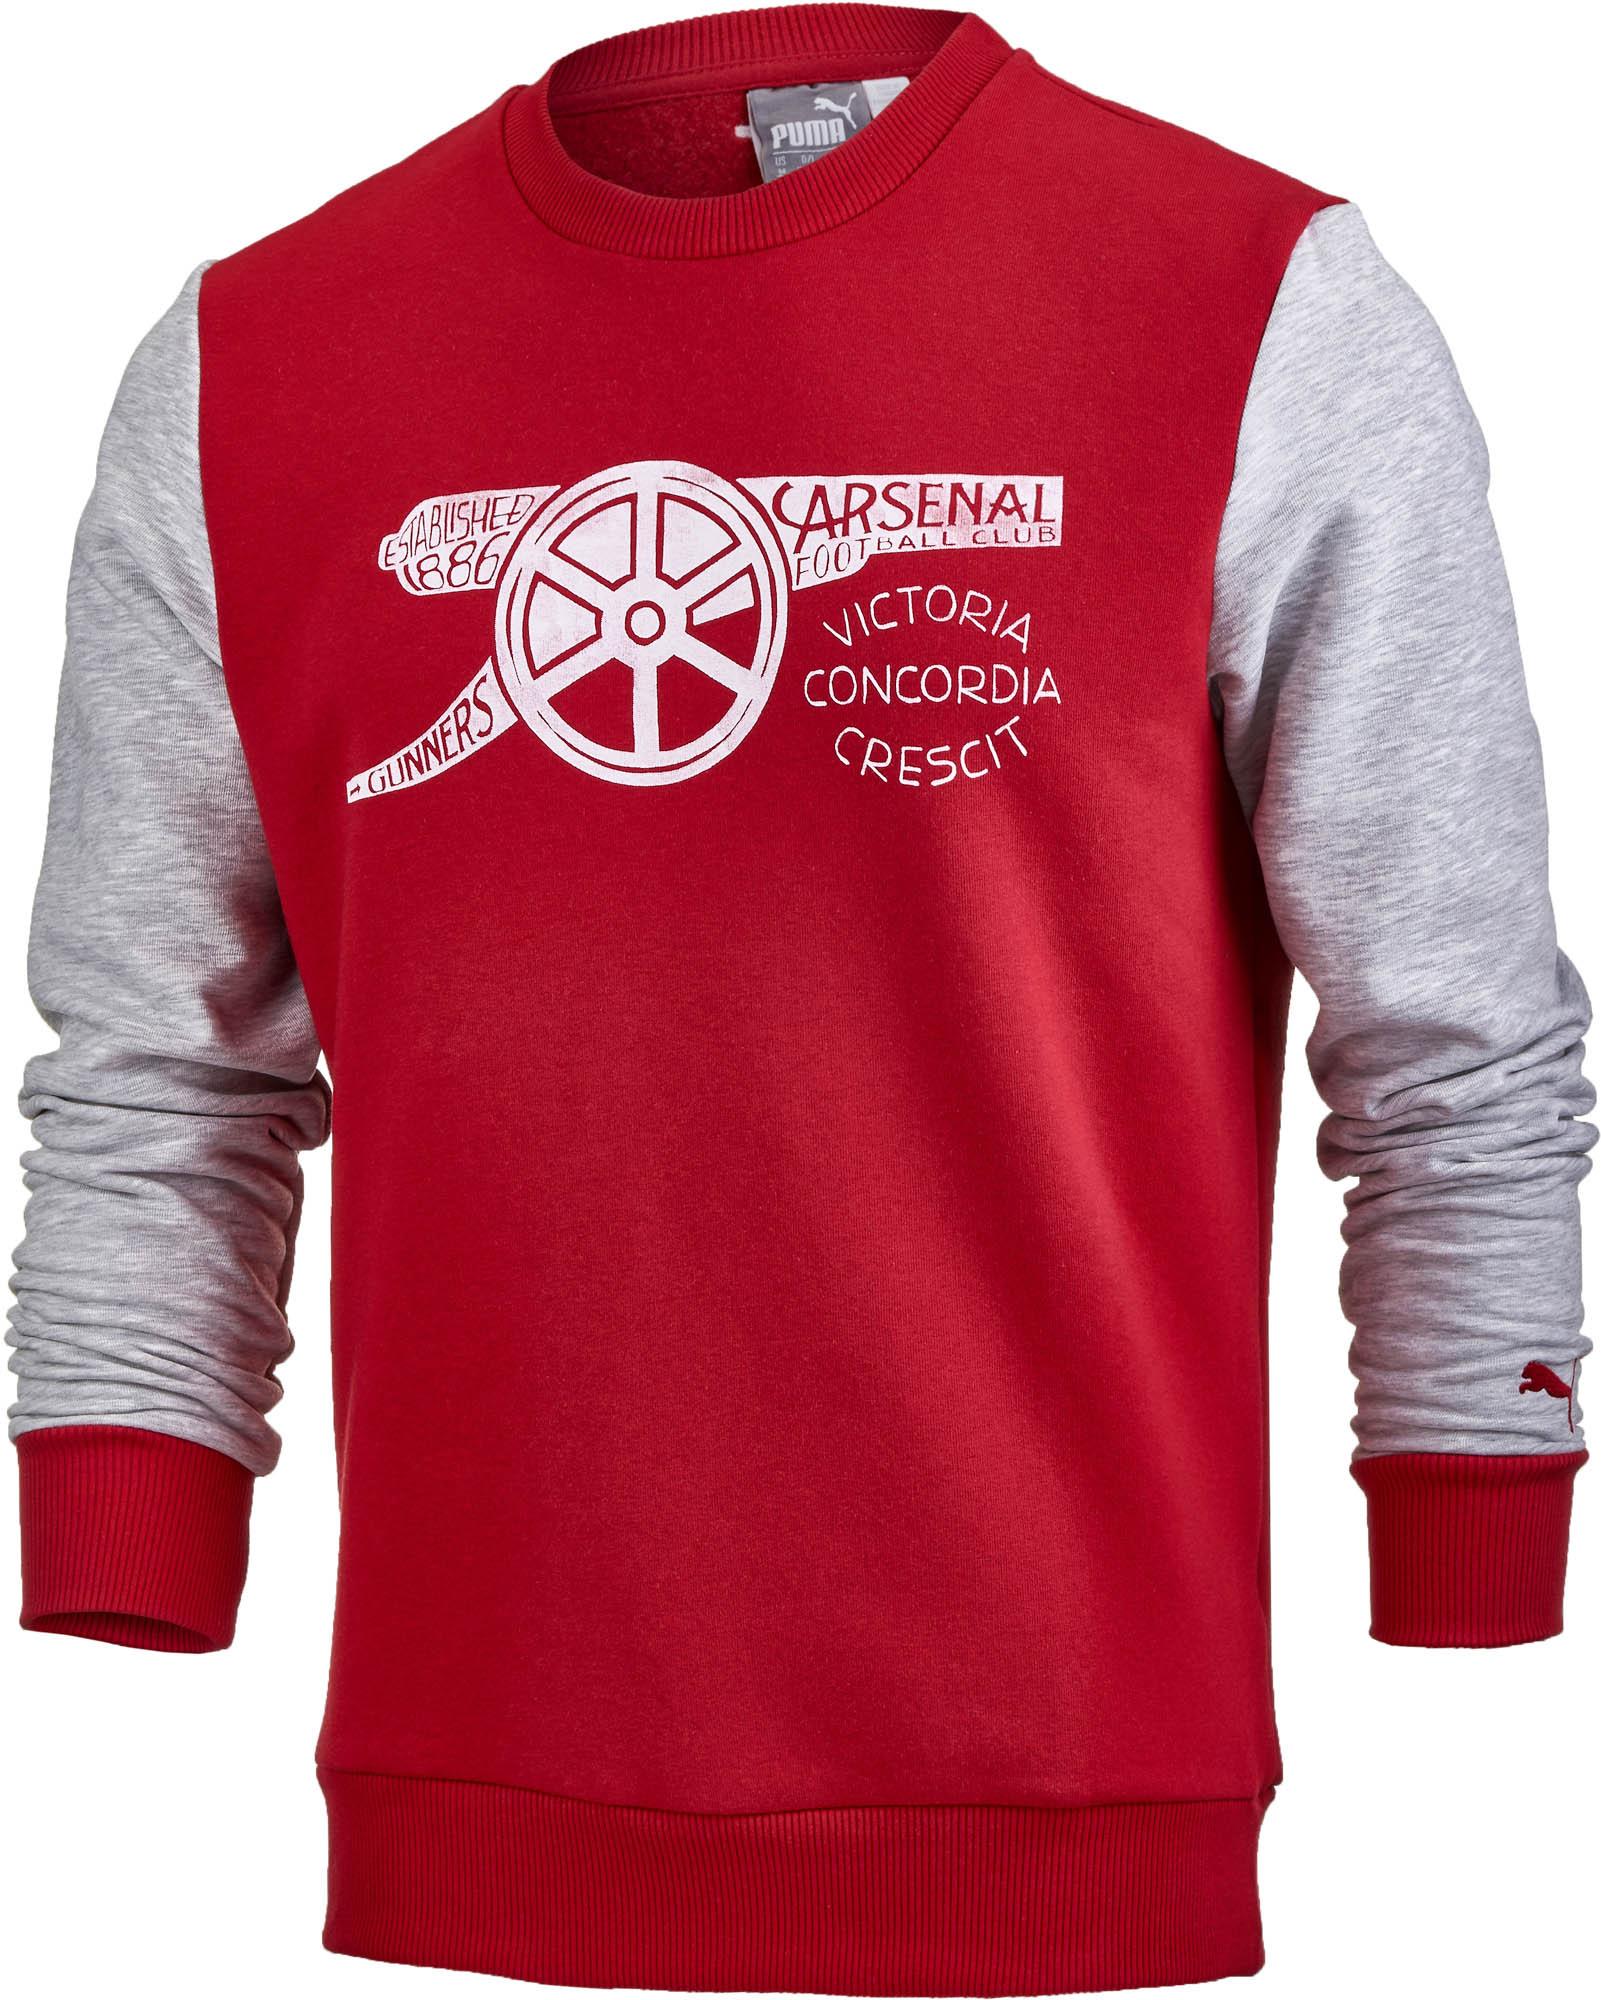 Puma Arsenal Fan Sweatshirt - SoccerPro.com